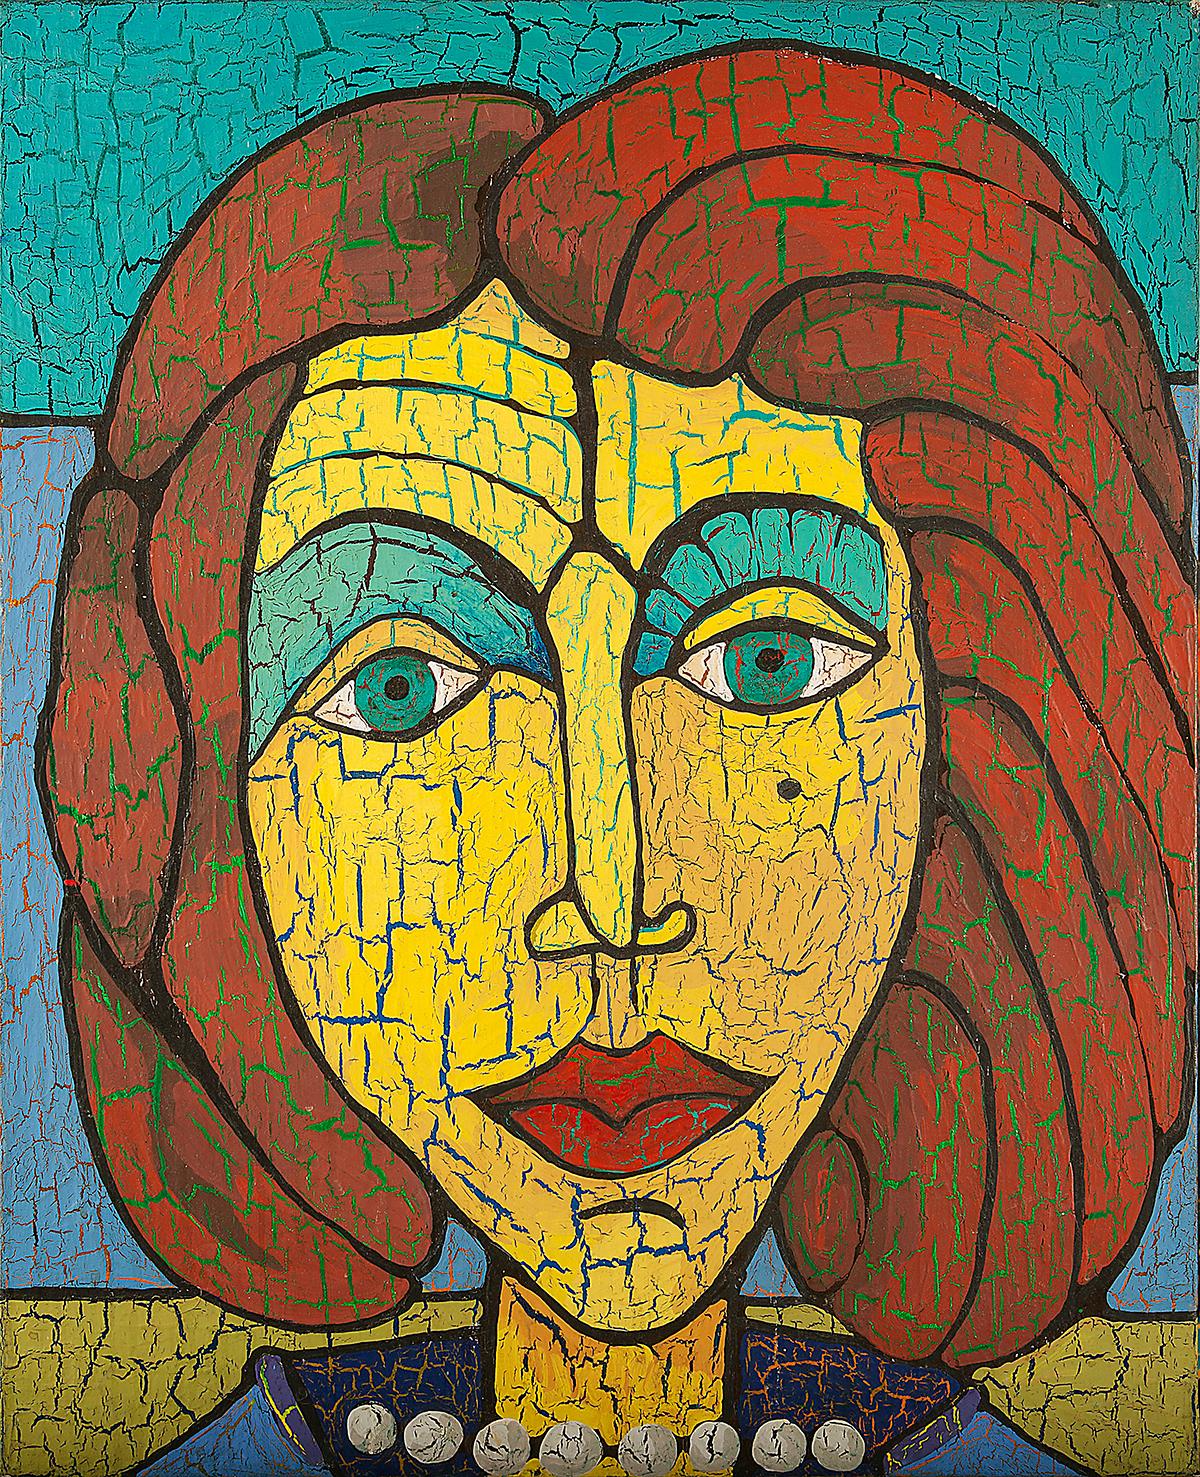 Kirk Saber - Original Contemporary Artist